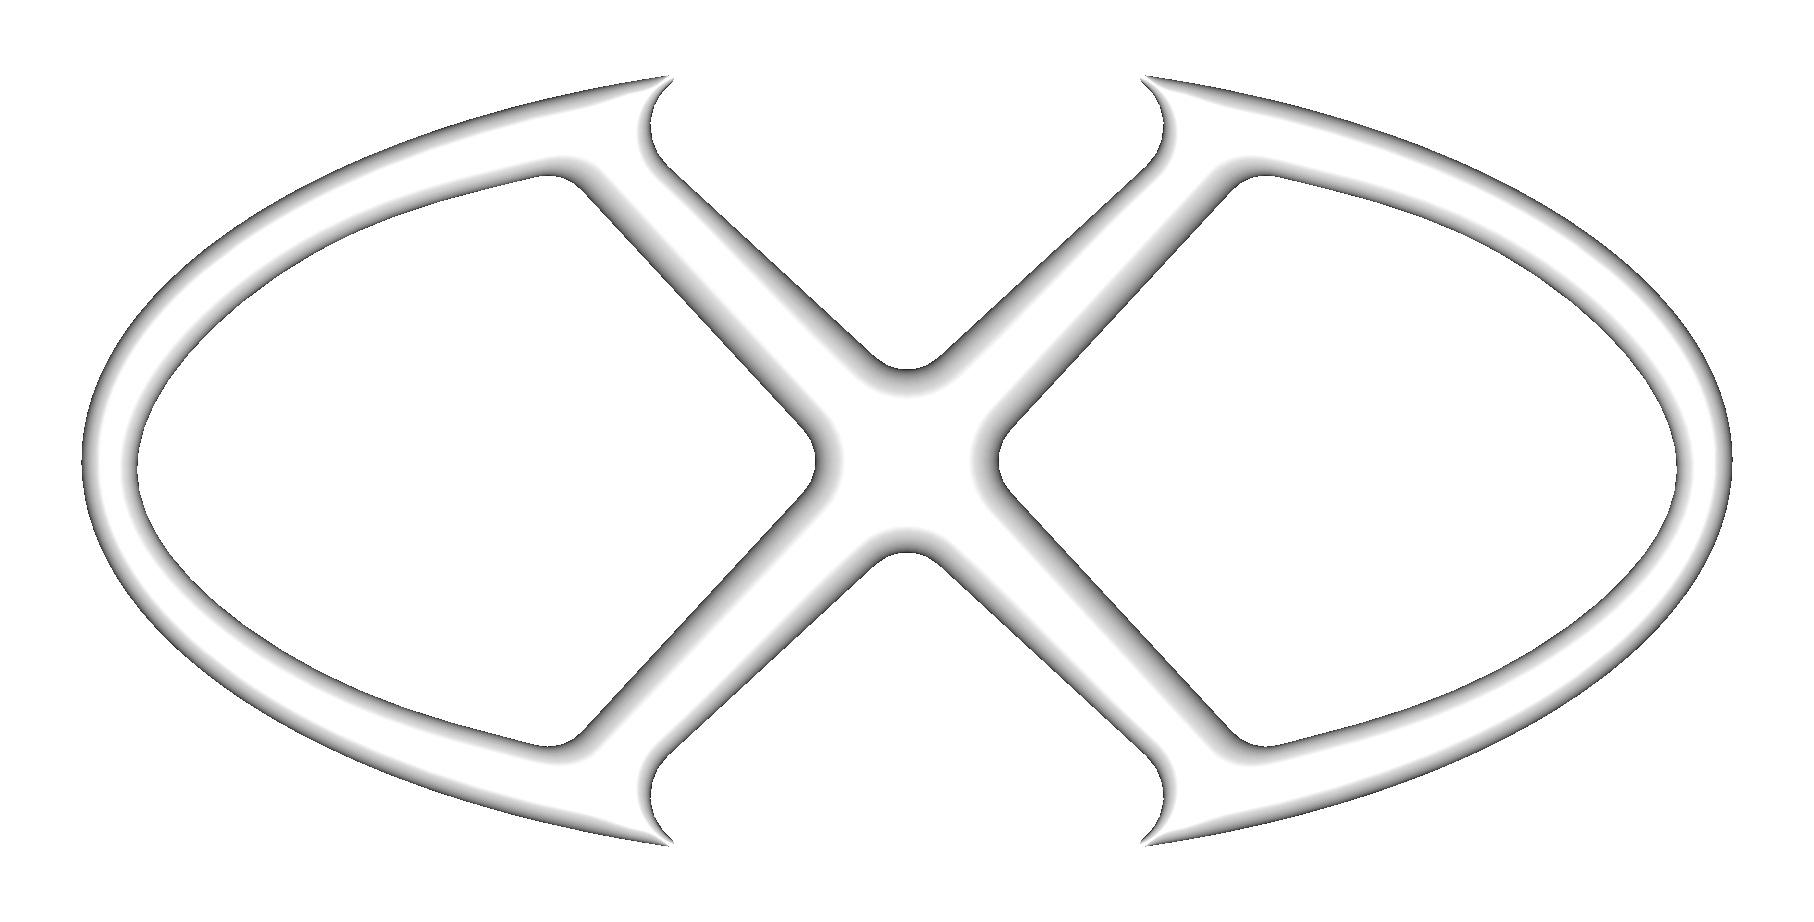 AExx Urethane Motor Mounts - Series 11